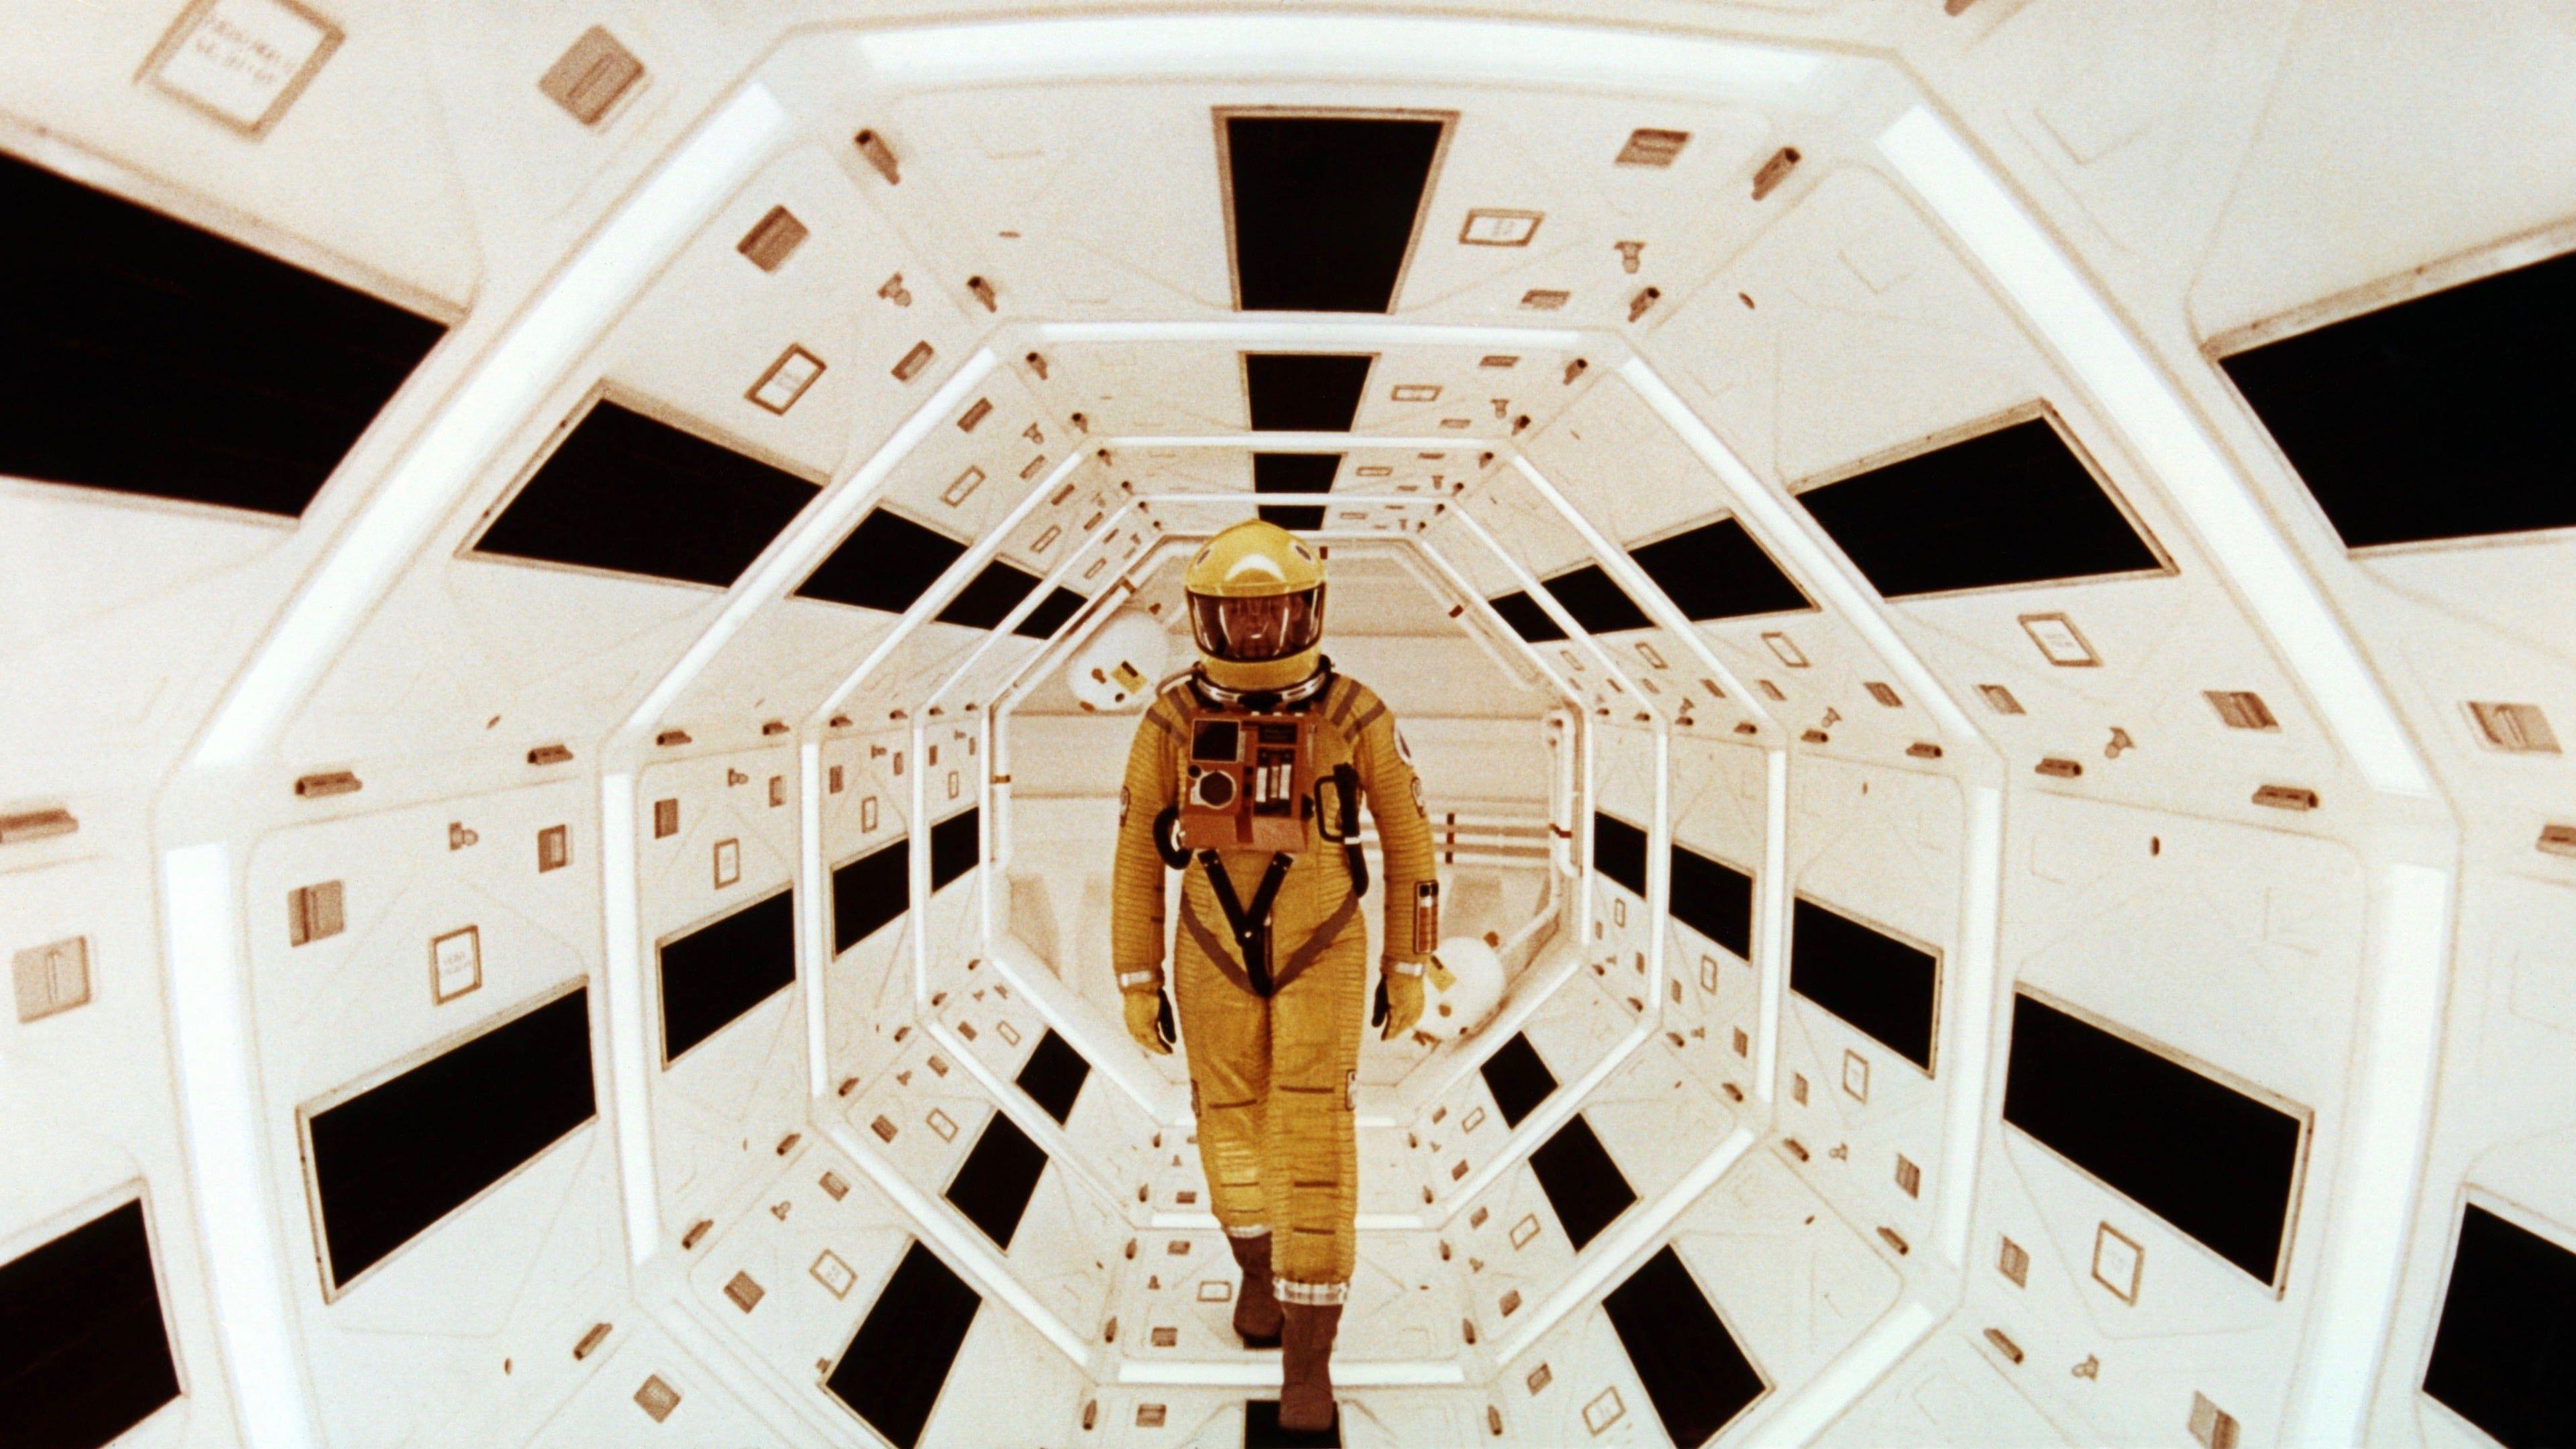 Altadefinizione 2001 Odissea Nello Spazio 1968 Cb01 Completo Italiano Altadefinizione Cinema Guarda 2001 Odissea N Odyssee Stanley Kubrick Photo En Ligne